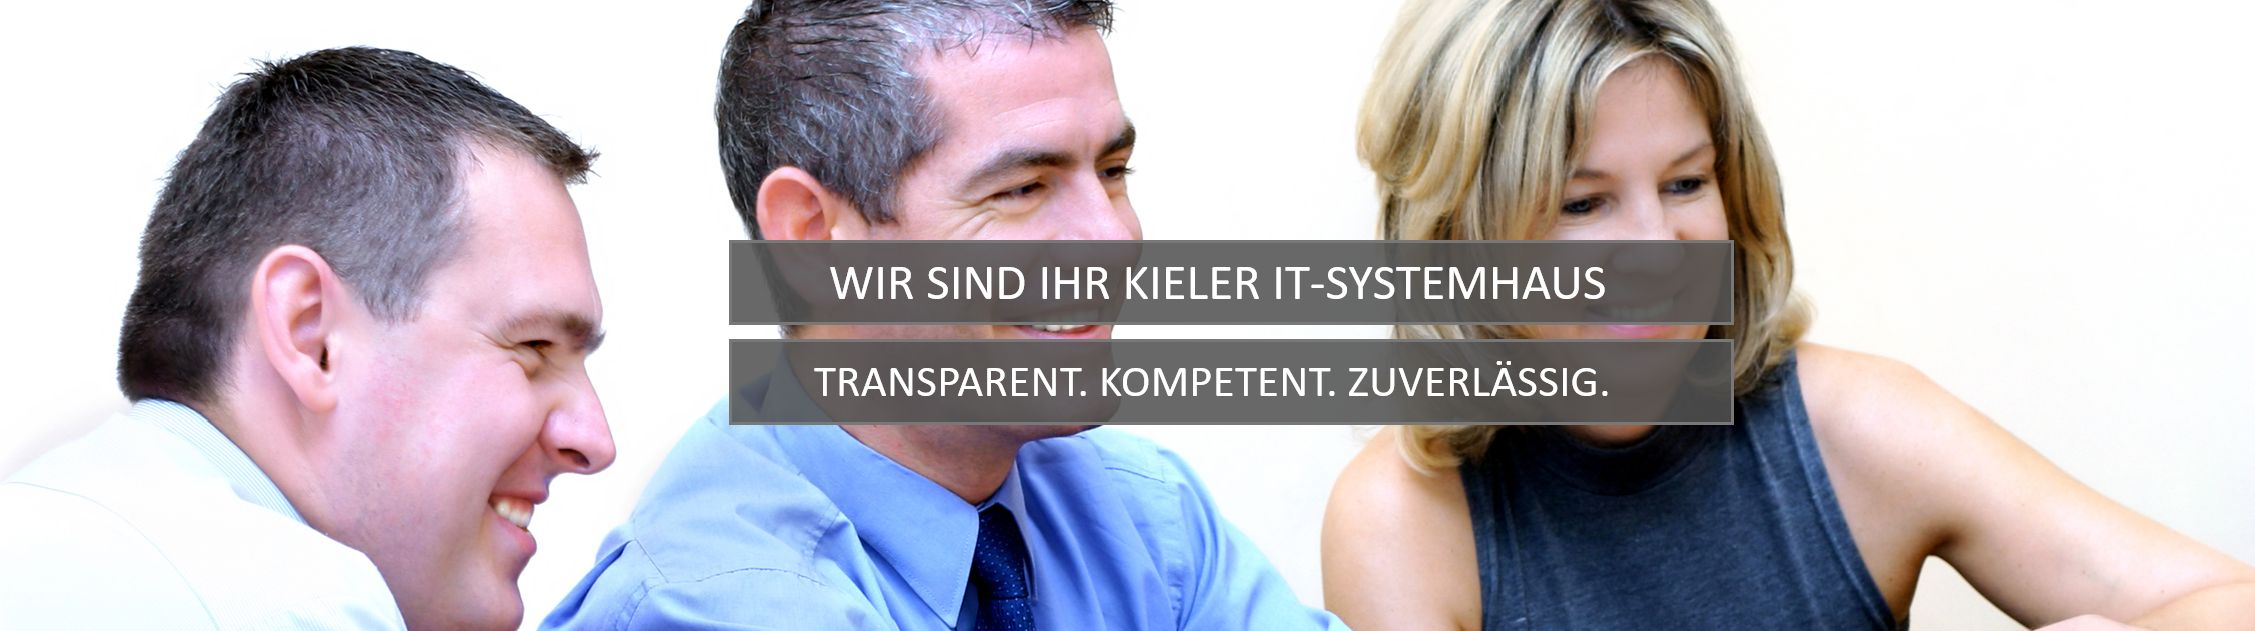 Wir sind ihr Kieler IT-Systemhaus